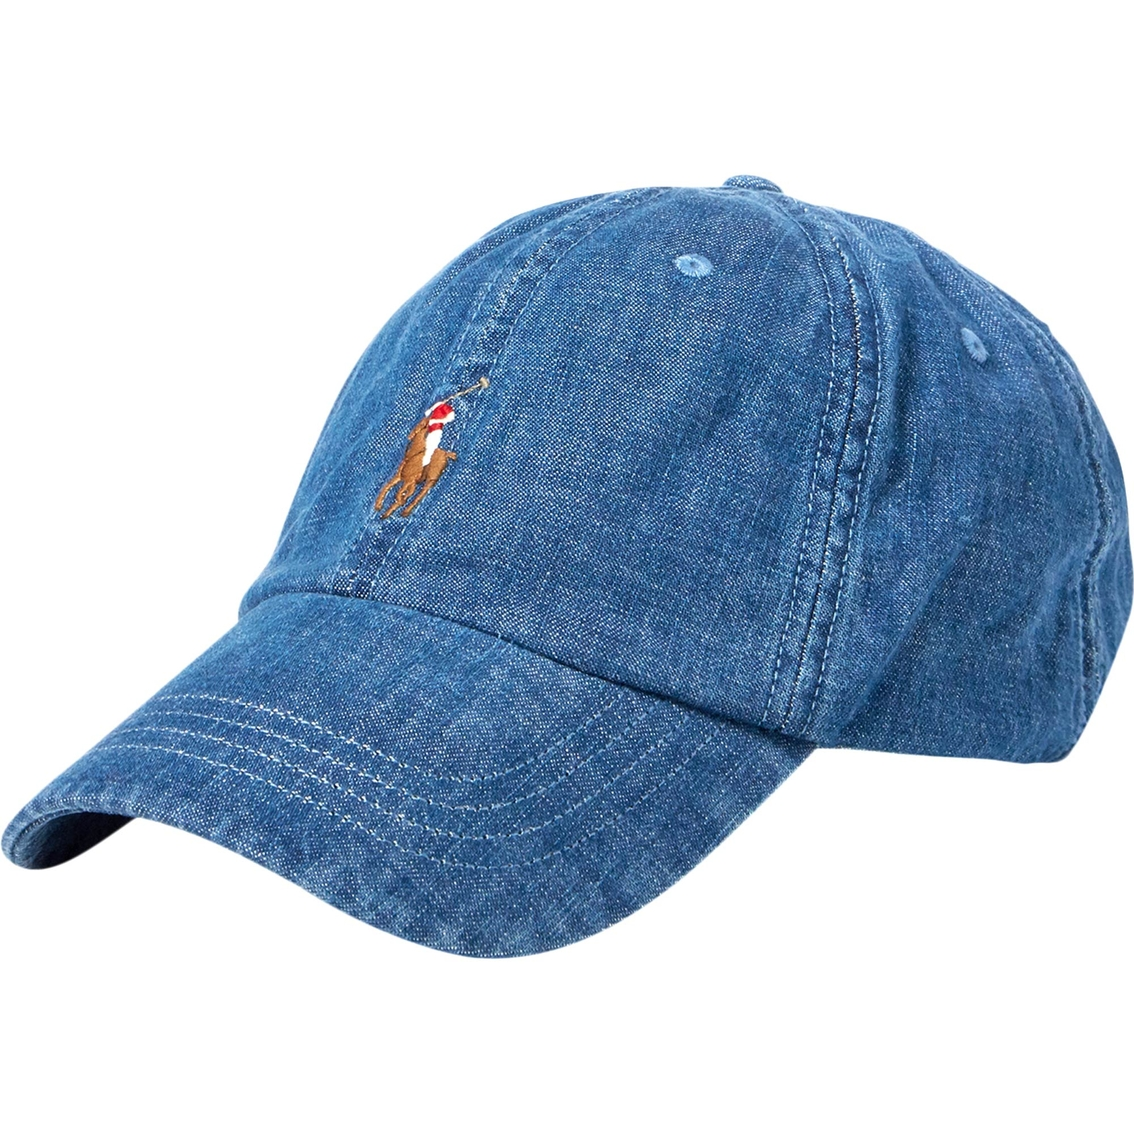 74fbfaea554 Polo Ralph Lauren Denim Sports Cap